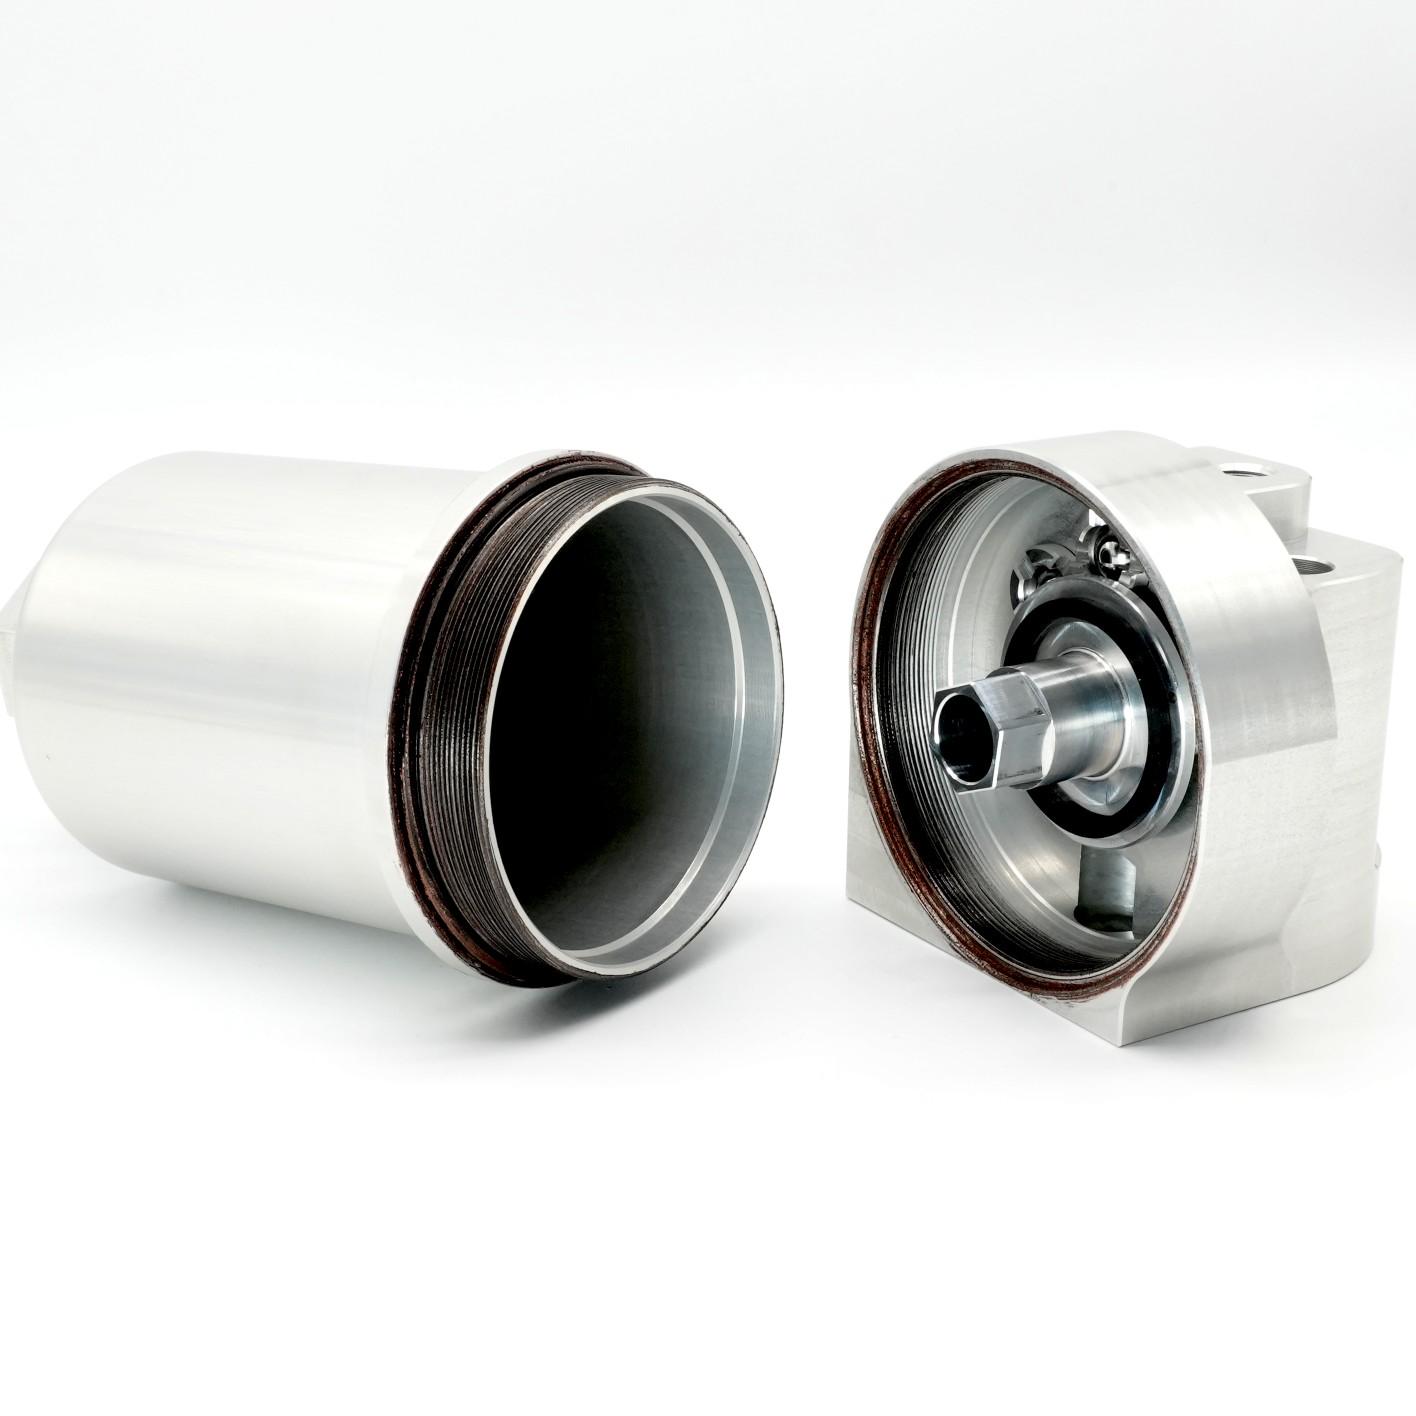 ローバーミニ 漏れないAT用オイルフィルターケース for PECS|クラシックミニ専門店キャメルオート